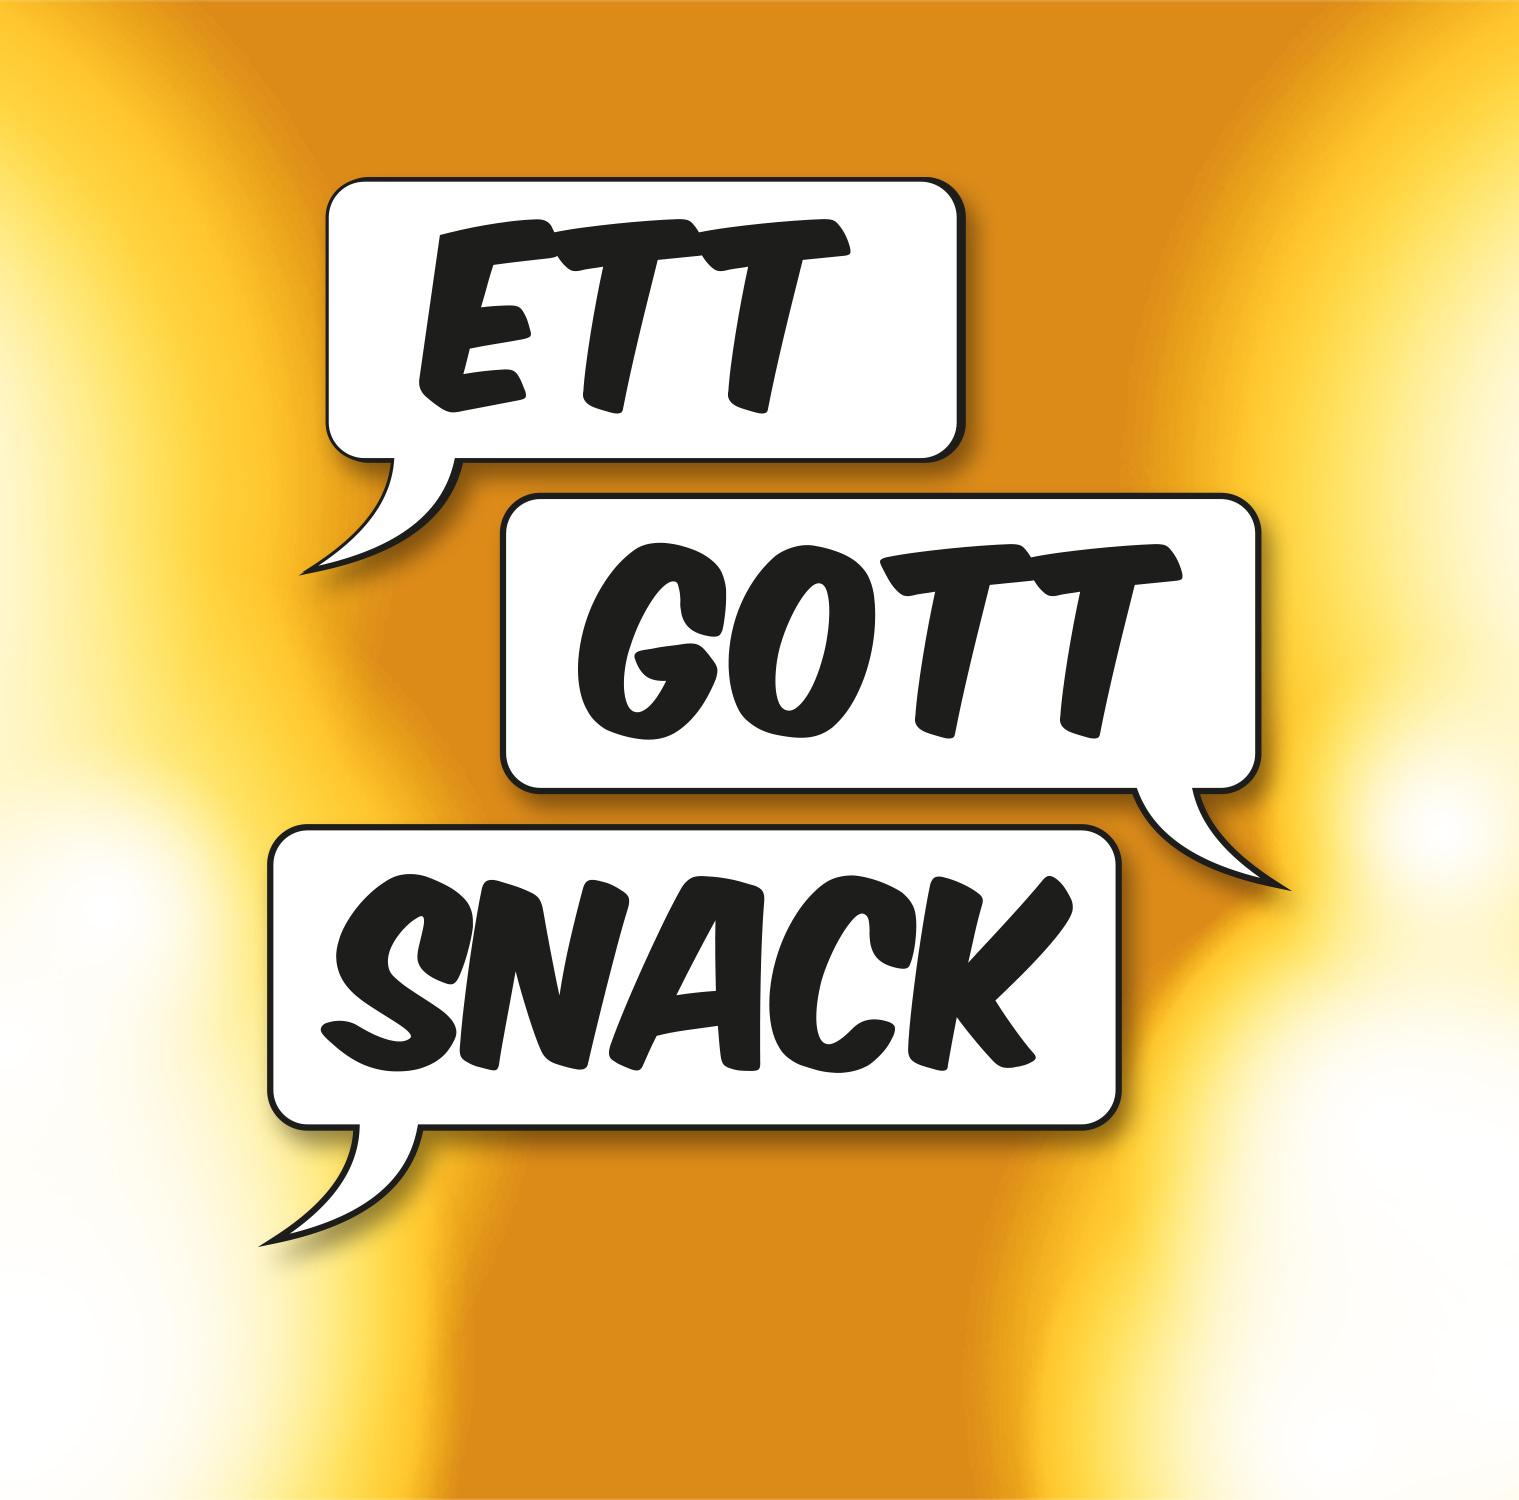 Ett gott snack - podcast